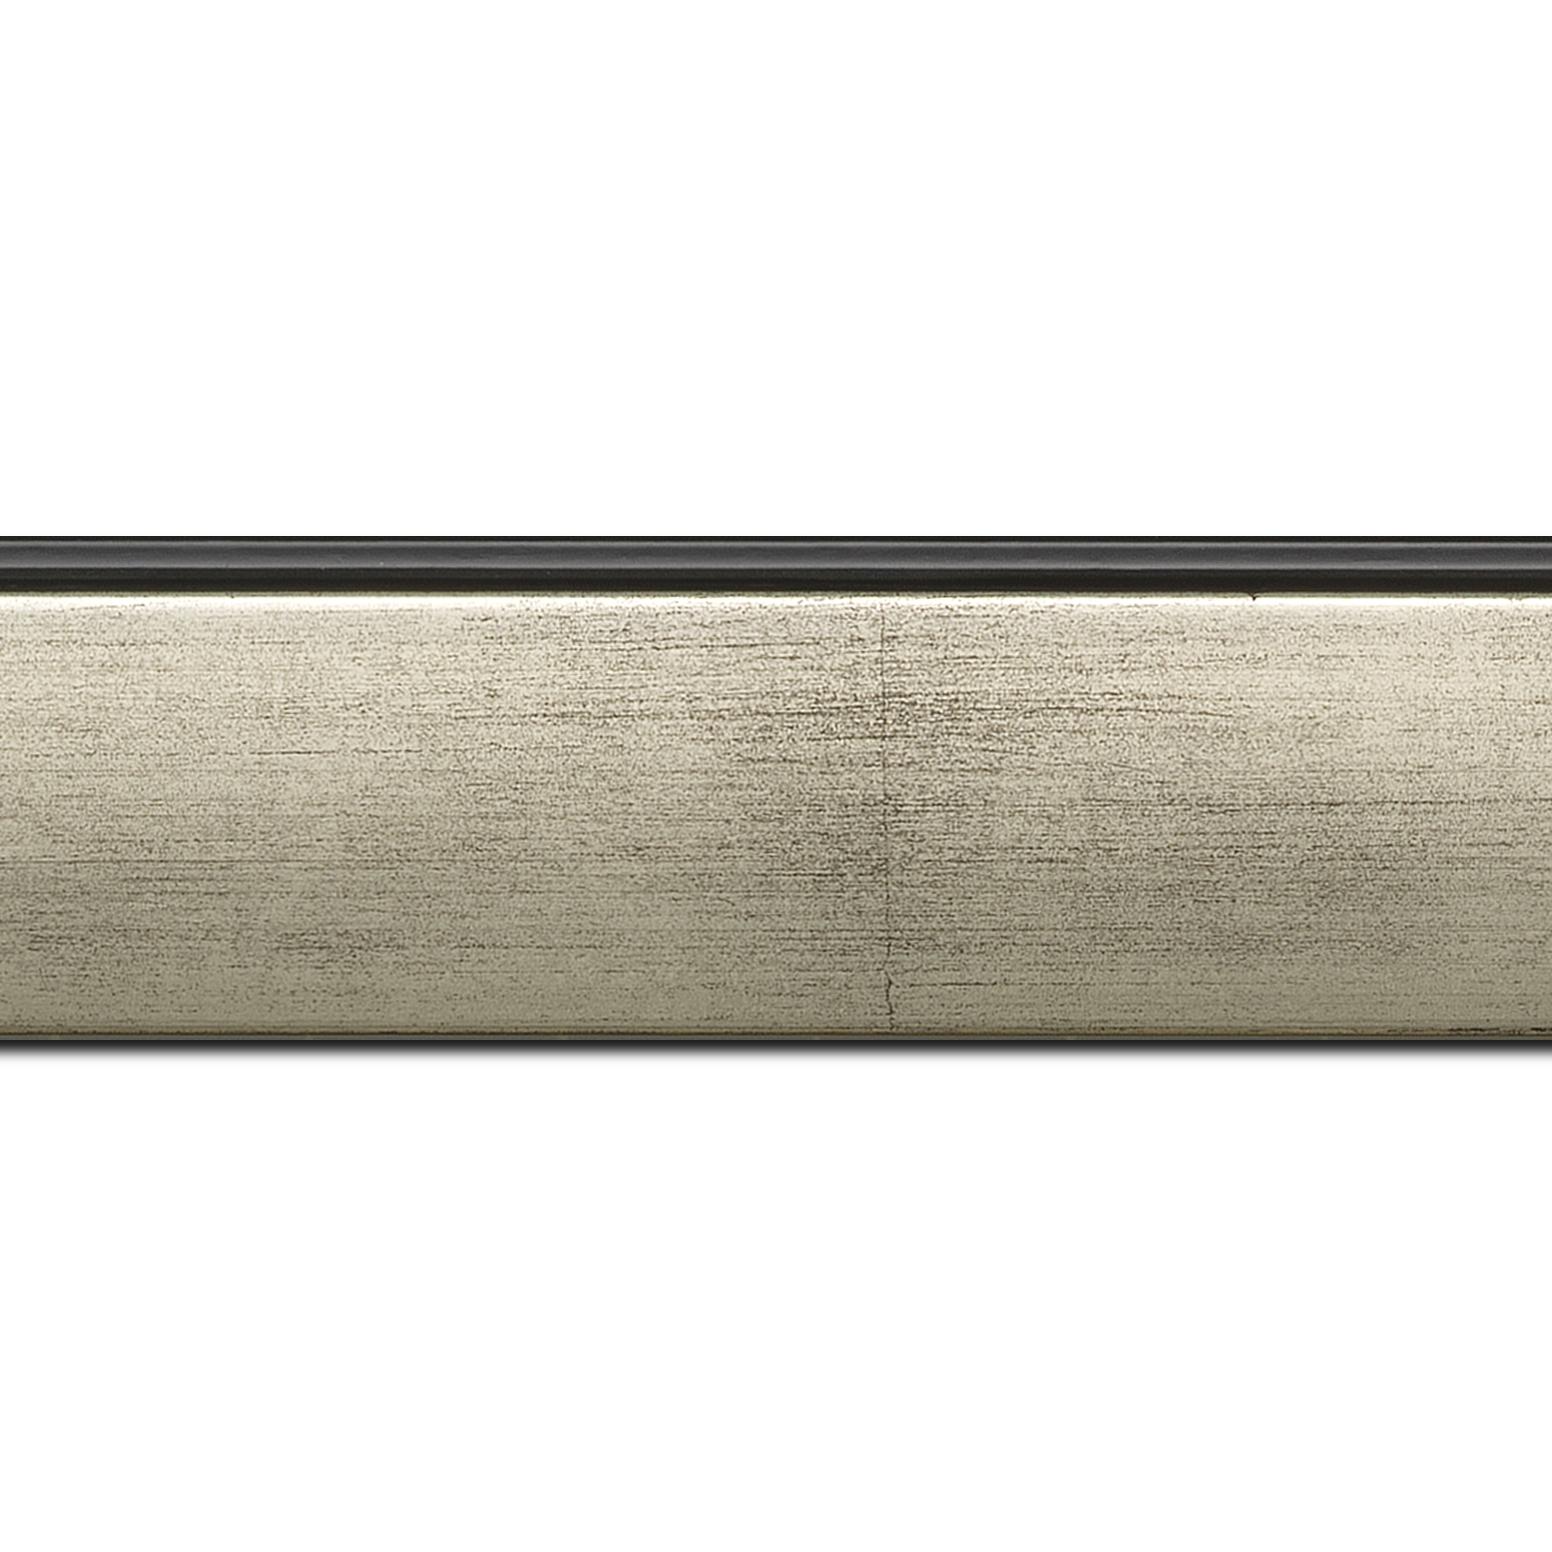 Baguette longueur 1.40m bois profil en pente méplat largeur 4.8cm argent satiné surligné par une gorge extérieure noire : originalité et élégance assurée